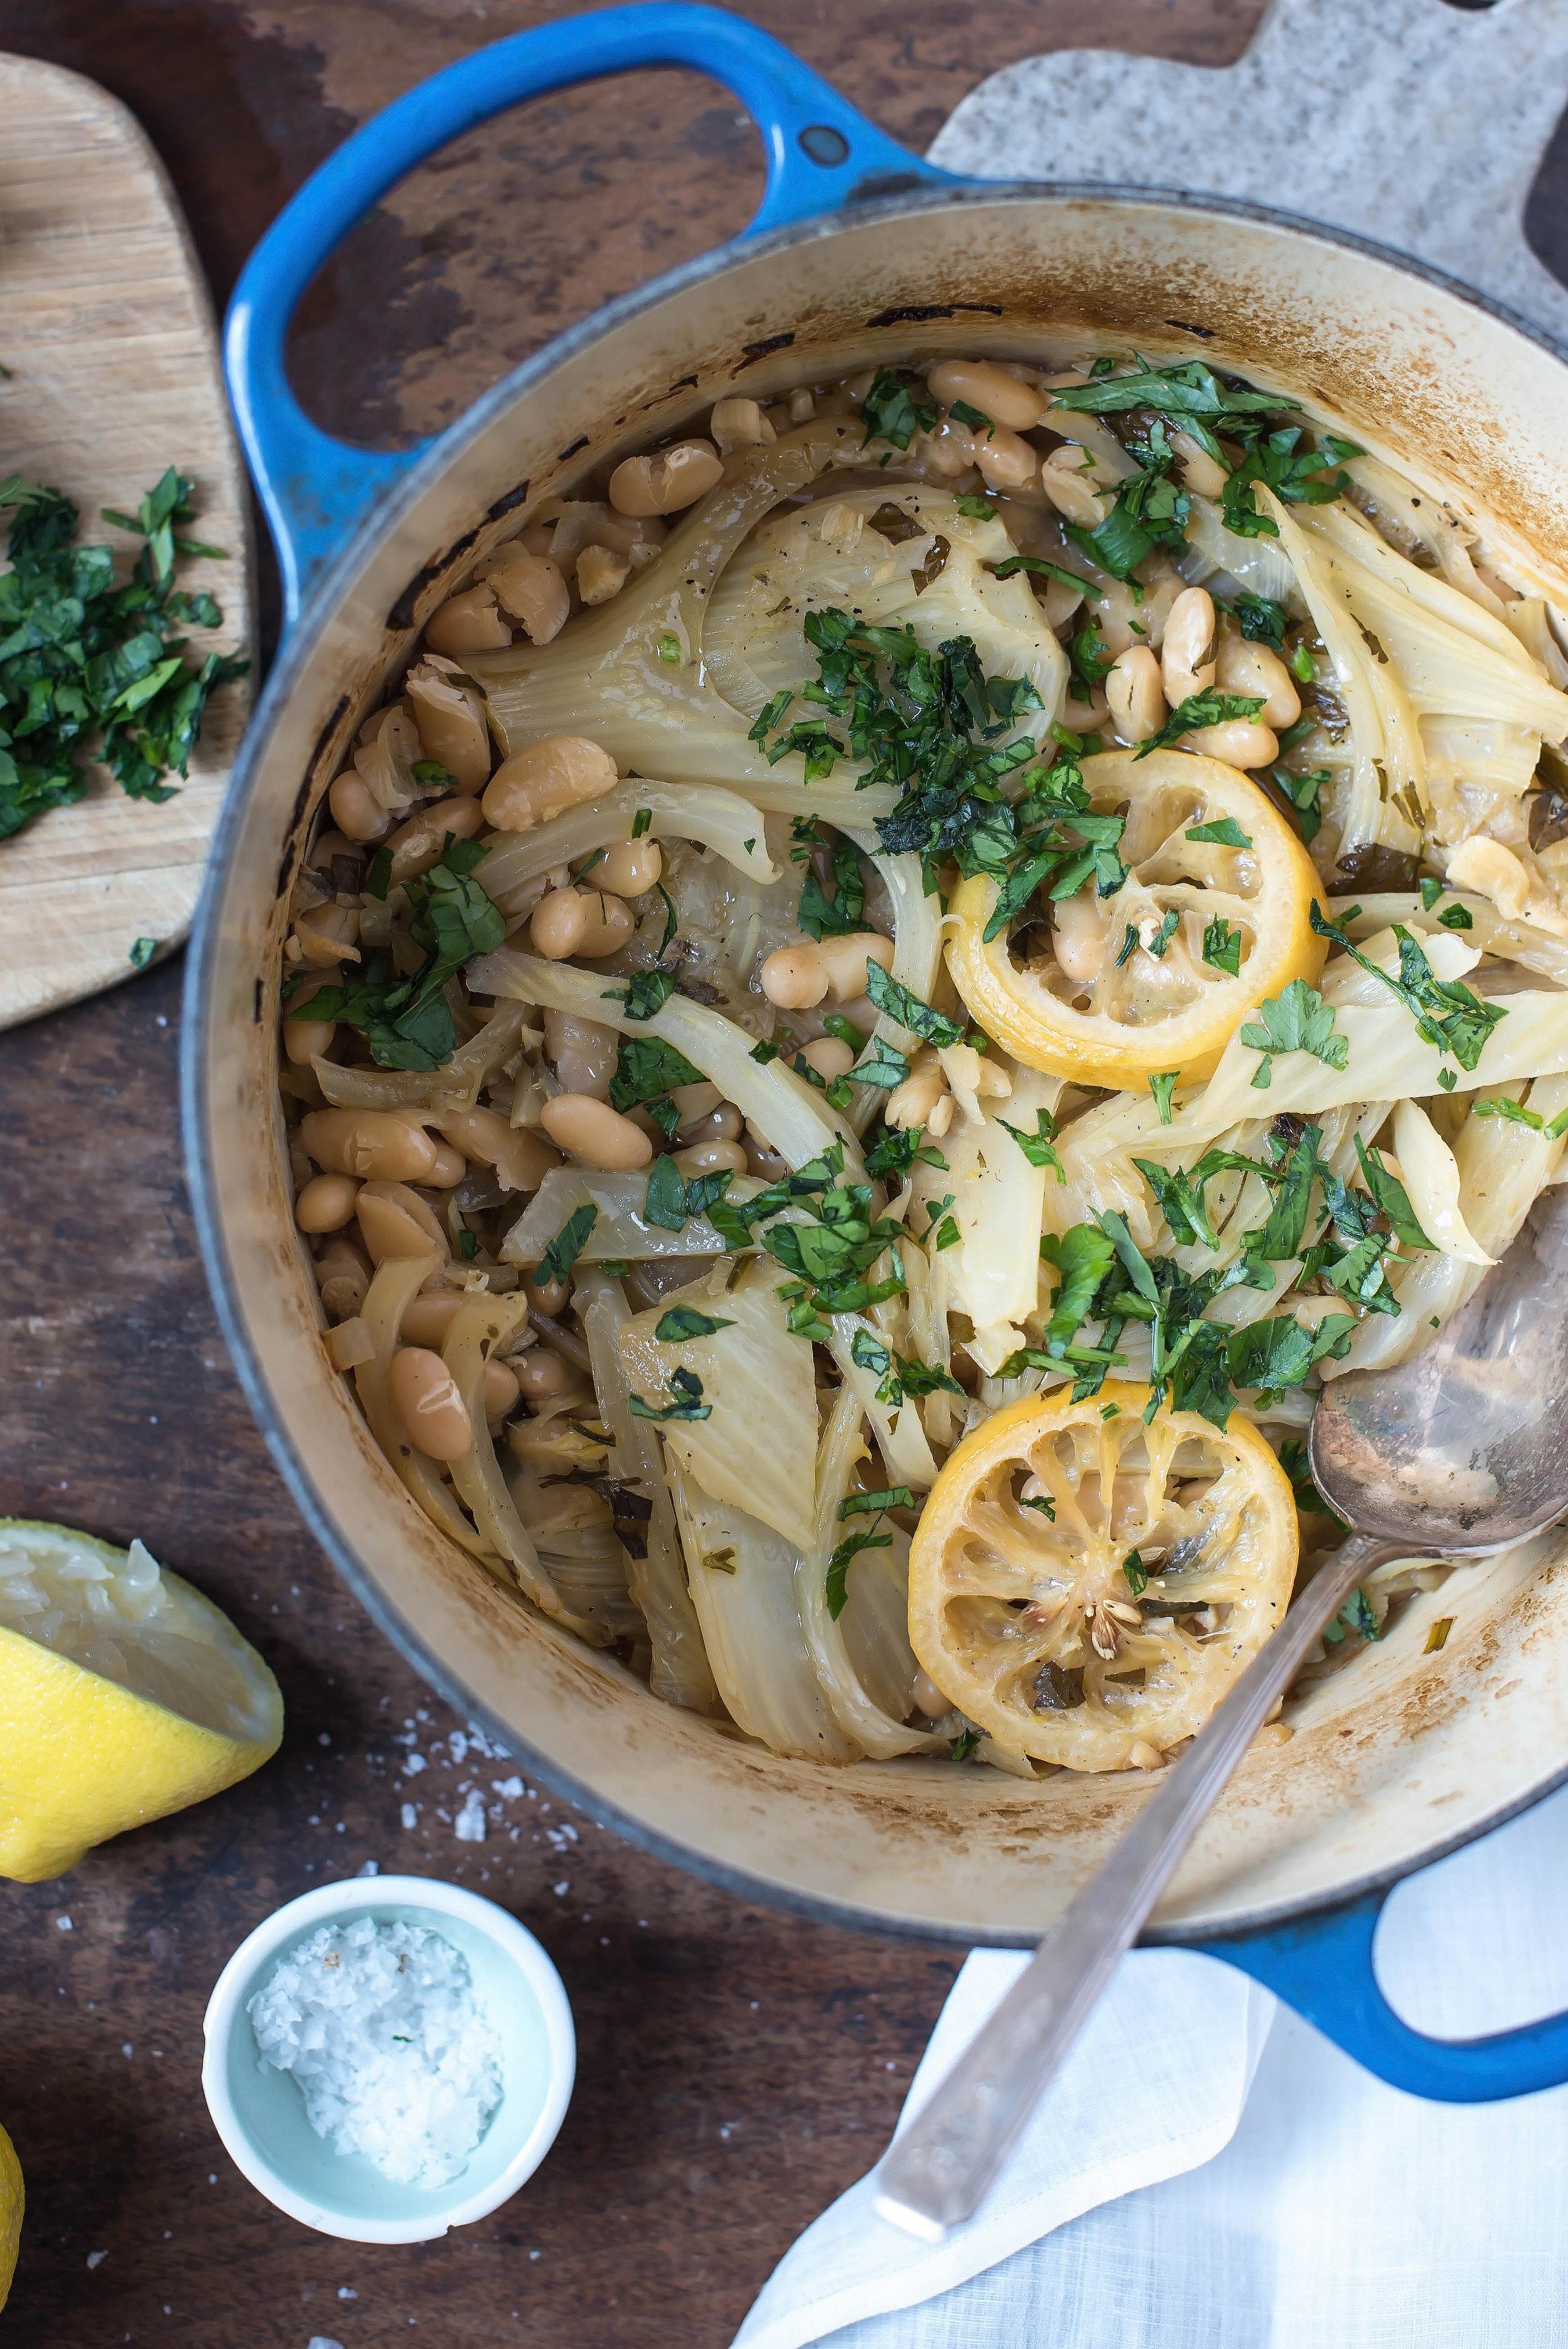 ROSE & IVY Journal Braised Fennel, White Beans & Lemon